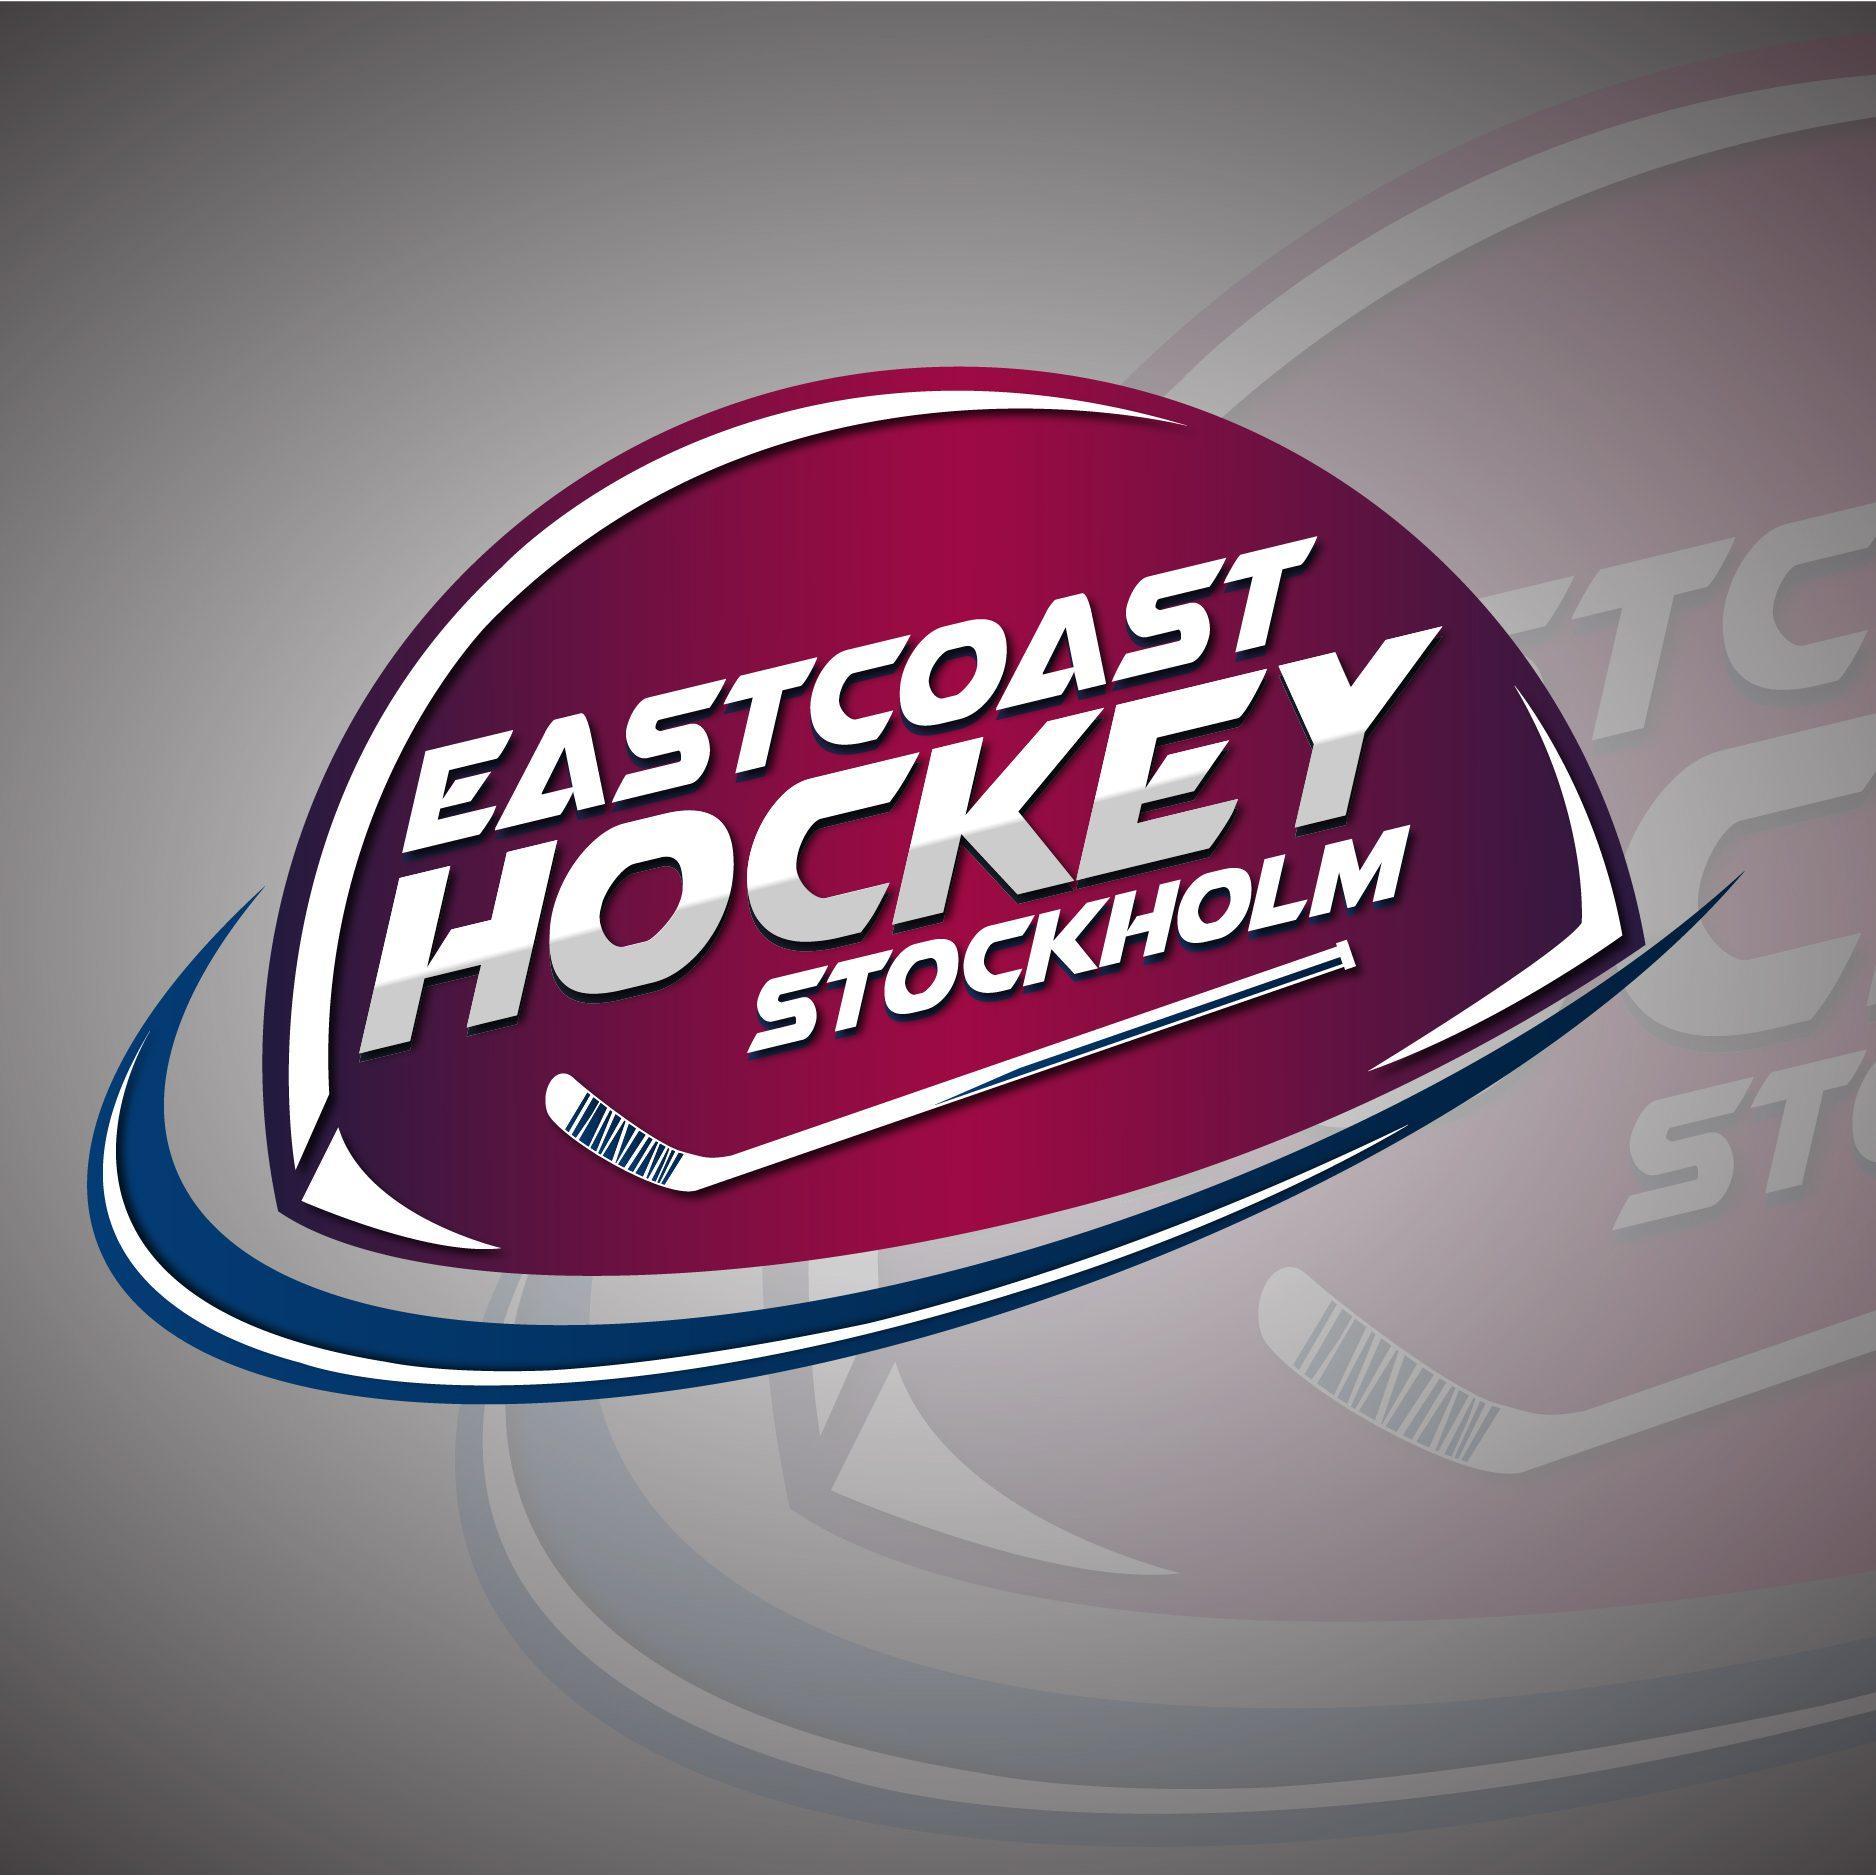 EastCoastHockey